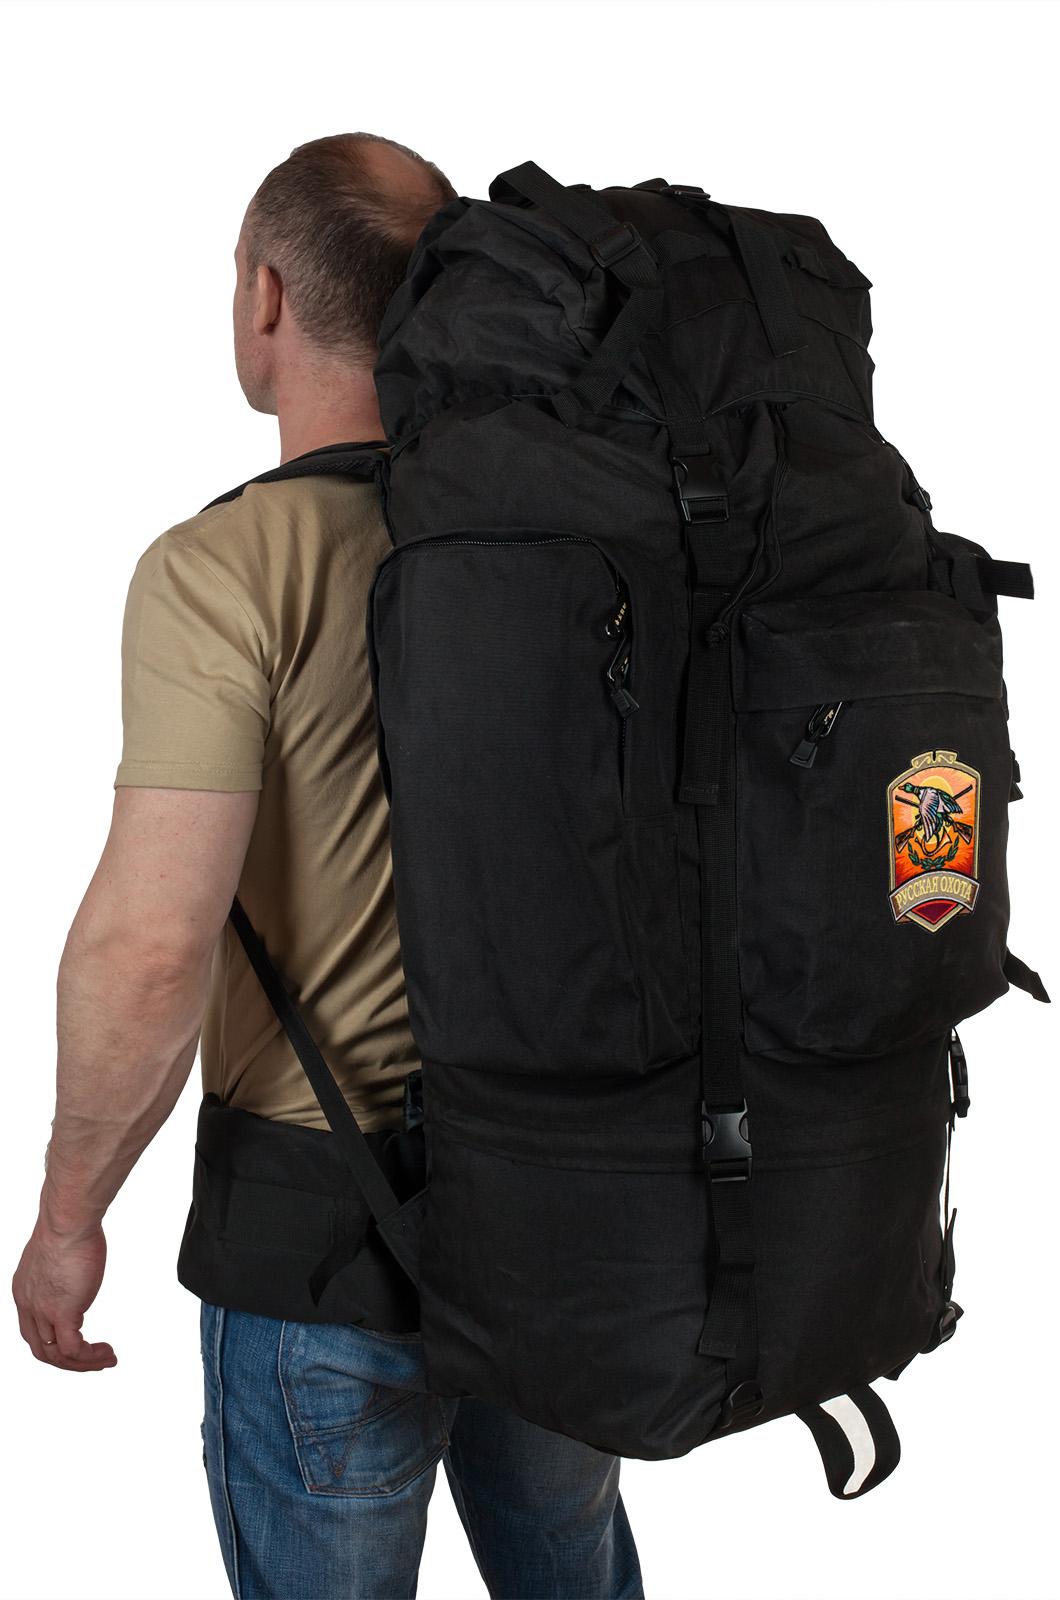 Большой удобный рюкзак с нашивкой Русская Охота - купить в розницу